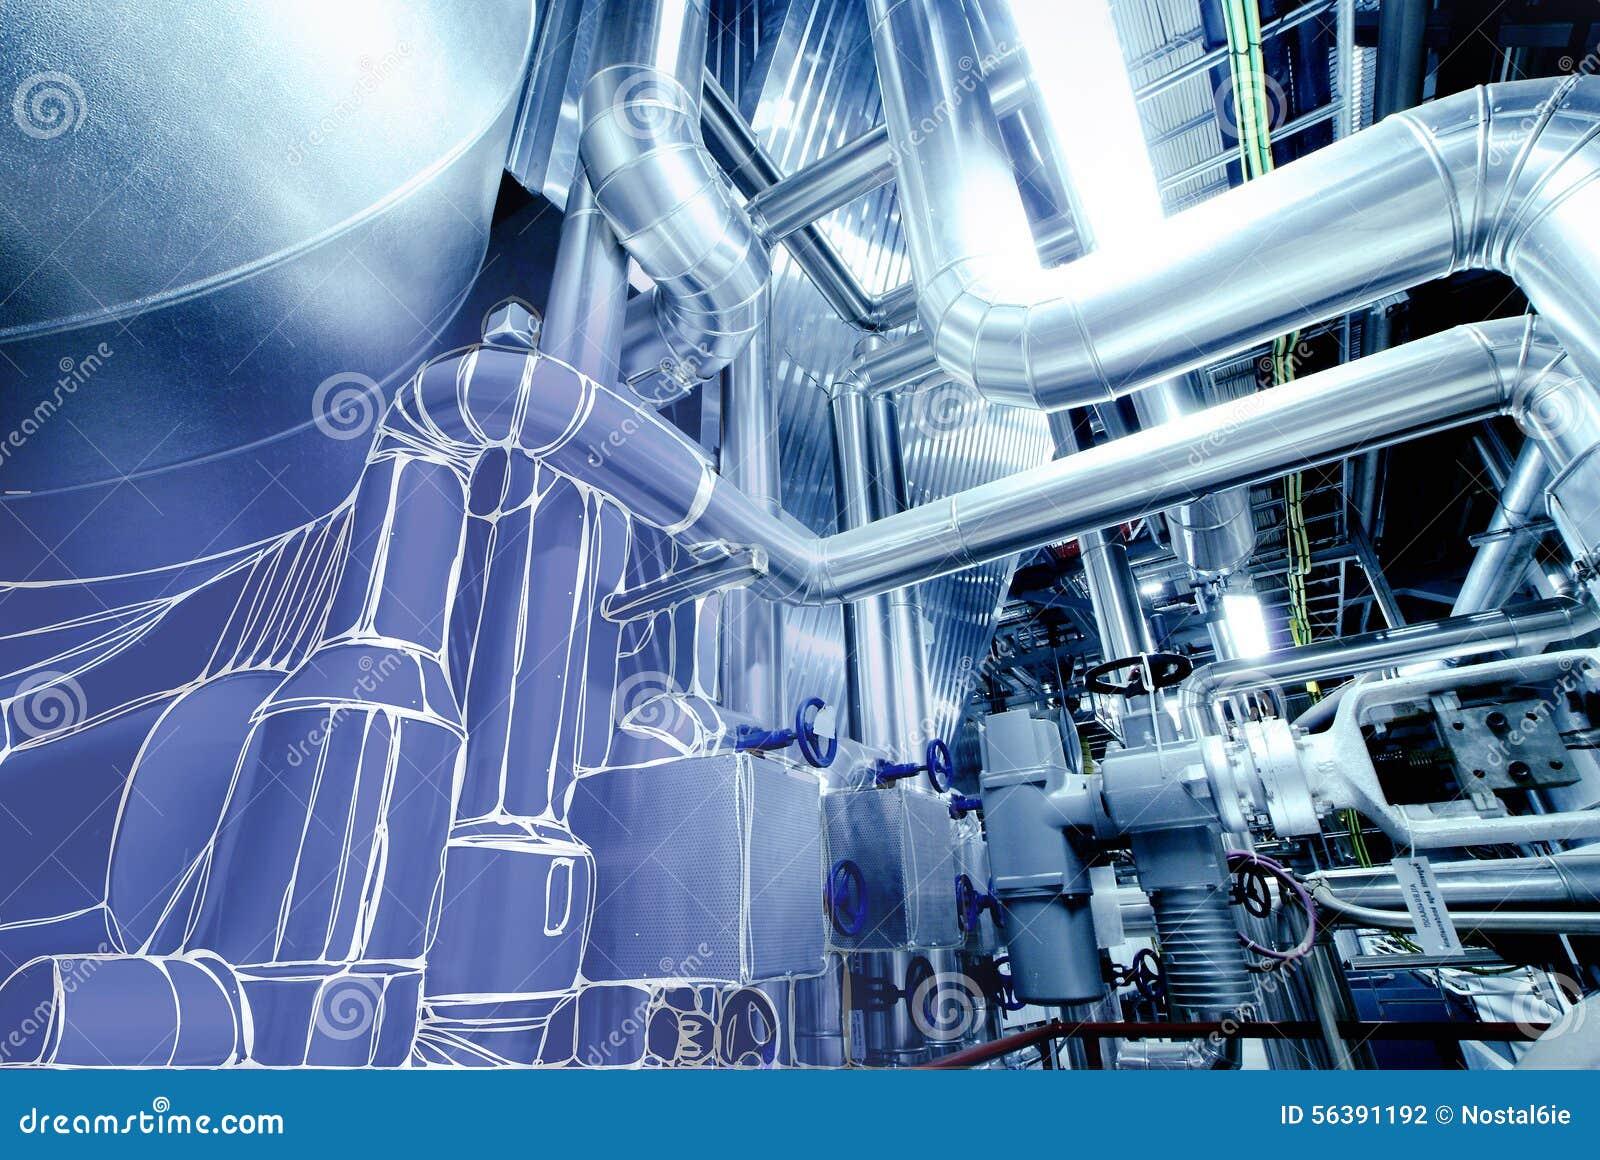 Schets van leidingenontwerp die aan elektrische centralefoto wordt gemengd